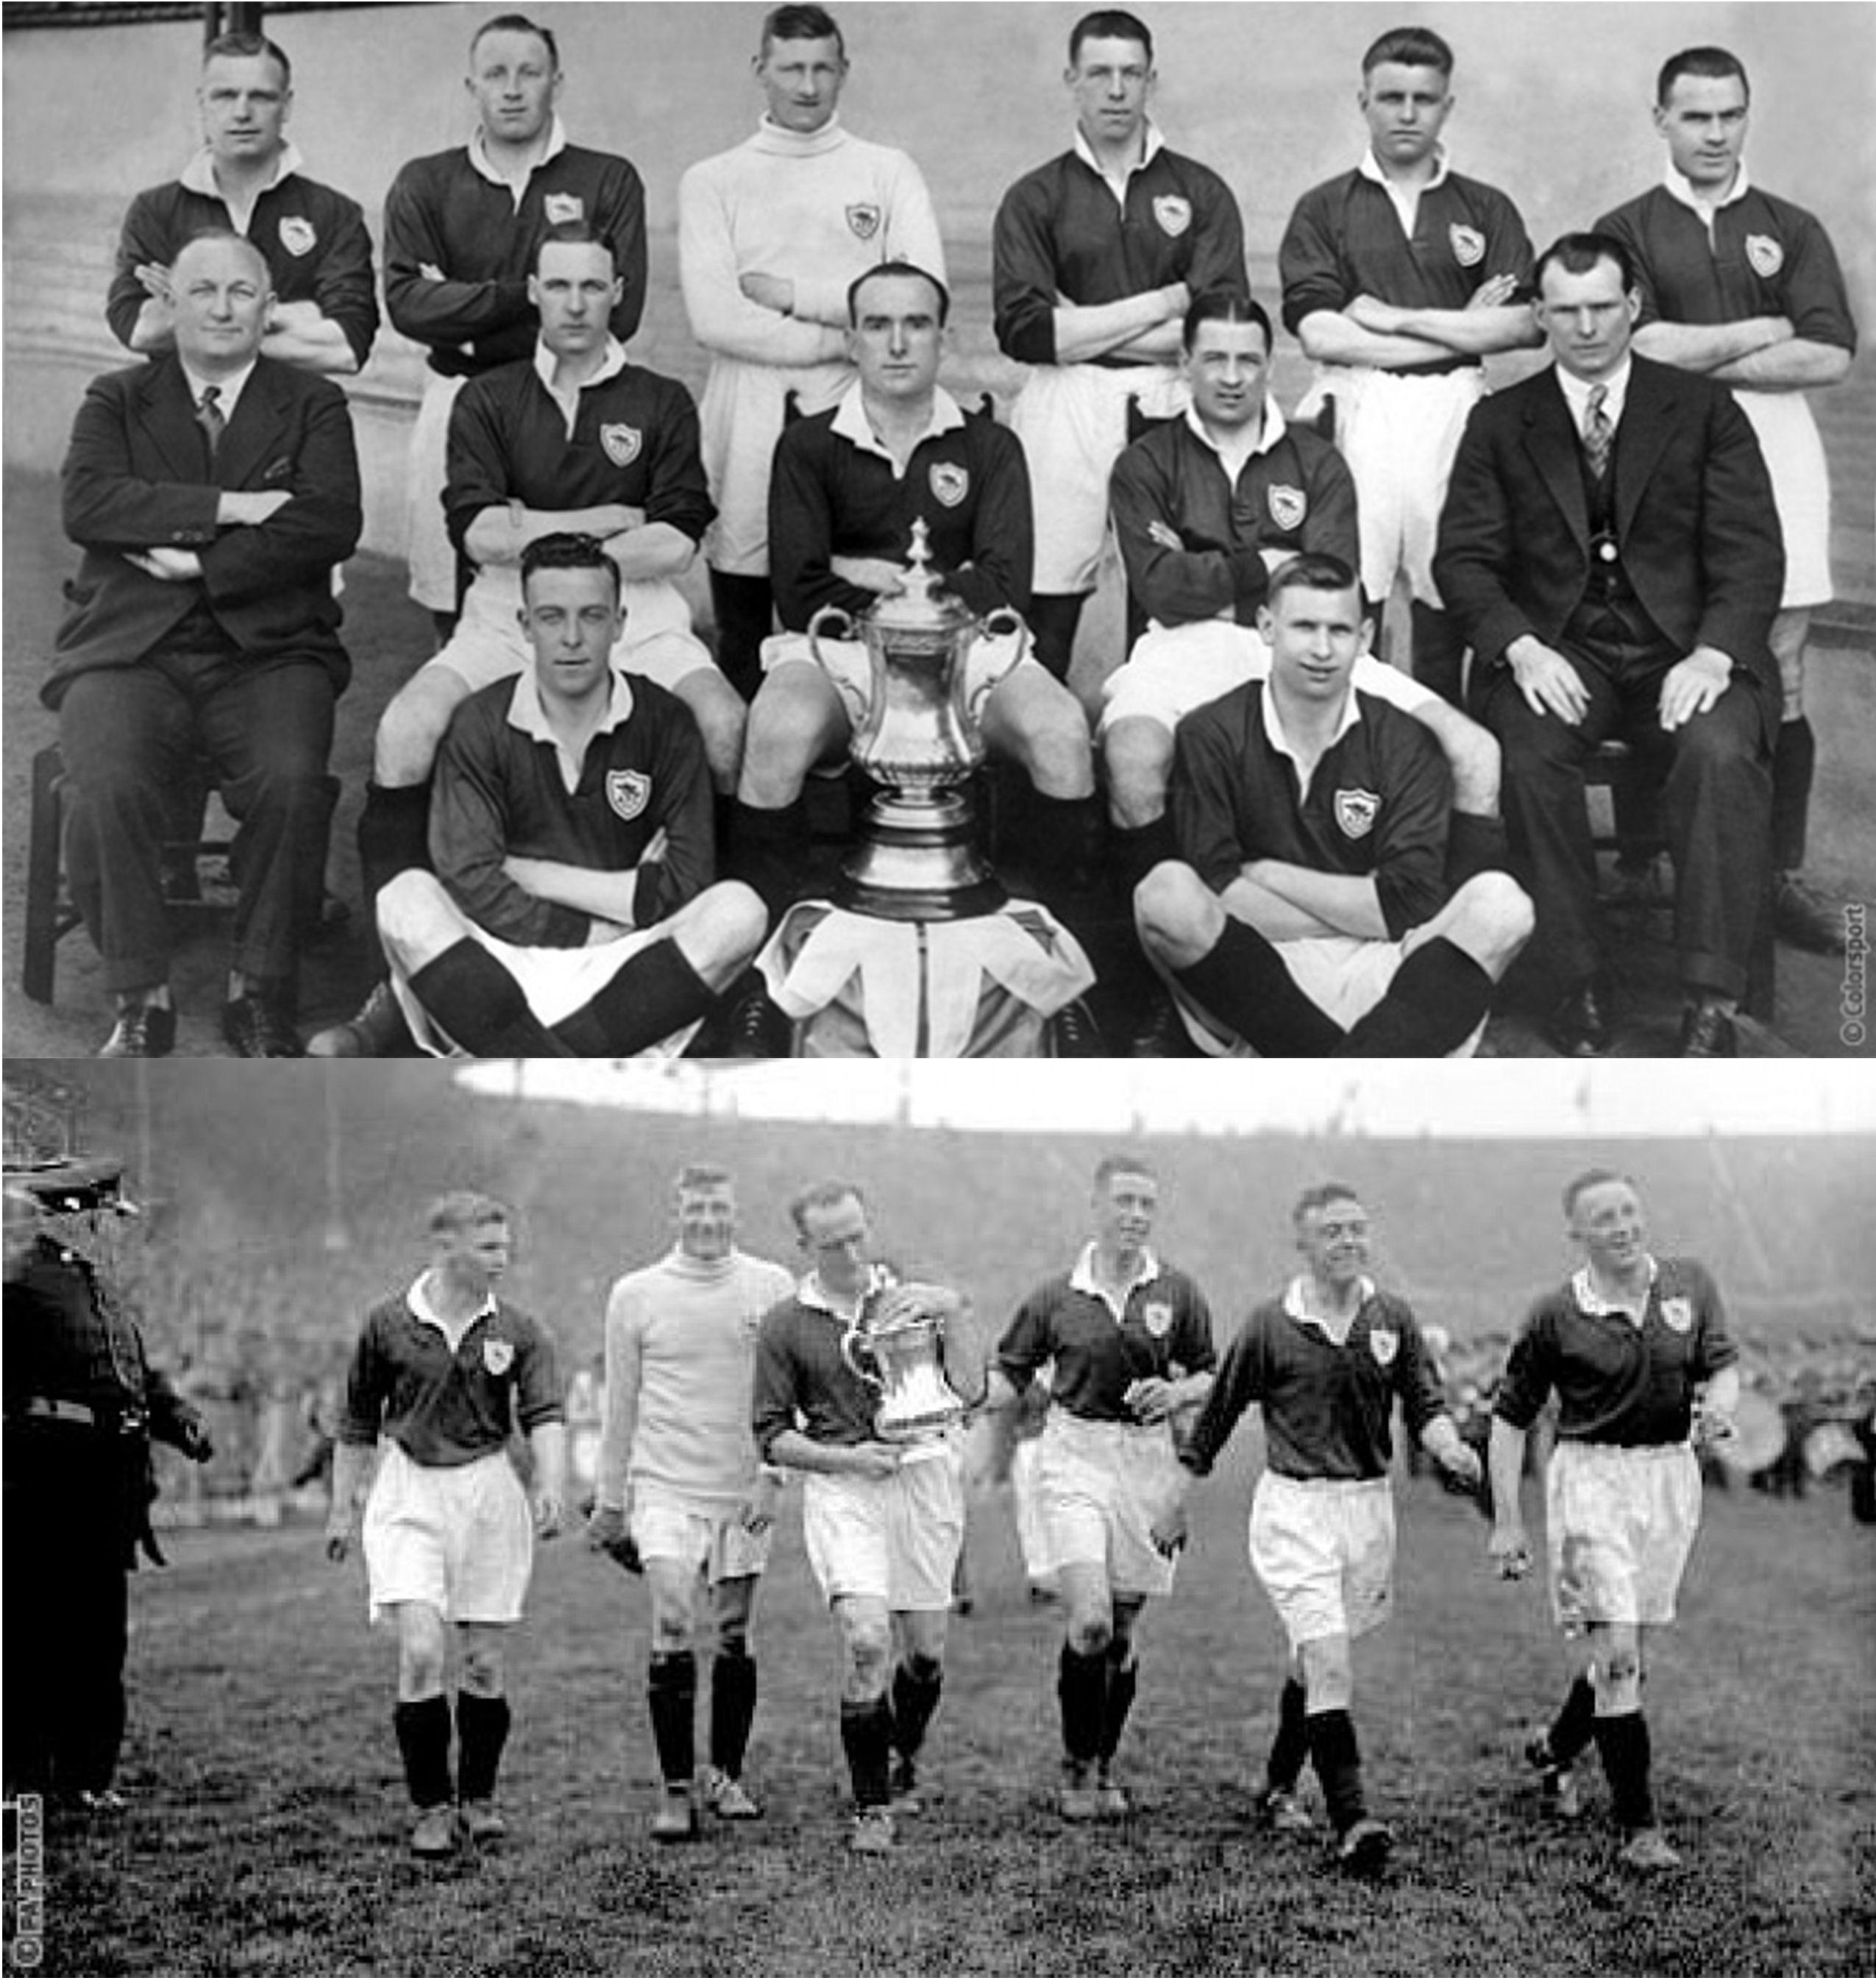 Nuestra primera FA Cup, disputada ante Huddersfield Town en el estadio de Wembley el 26 de abril de 1930 dejo vencedor al Arsenal por dos goles a cero, bajo la dirección técnica de Herbert Chapman.